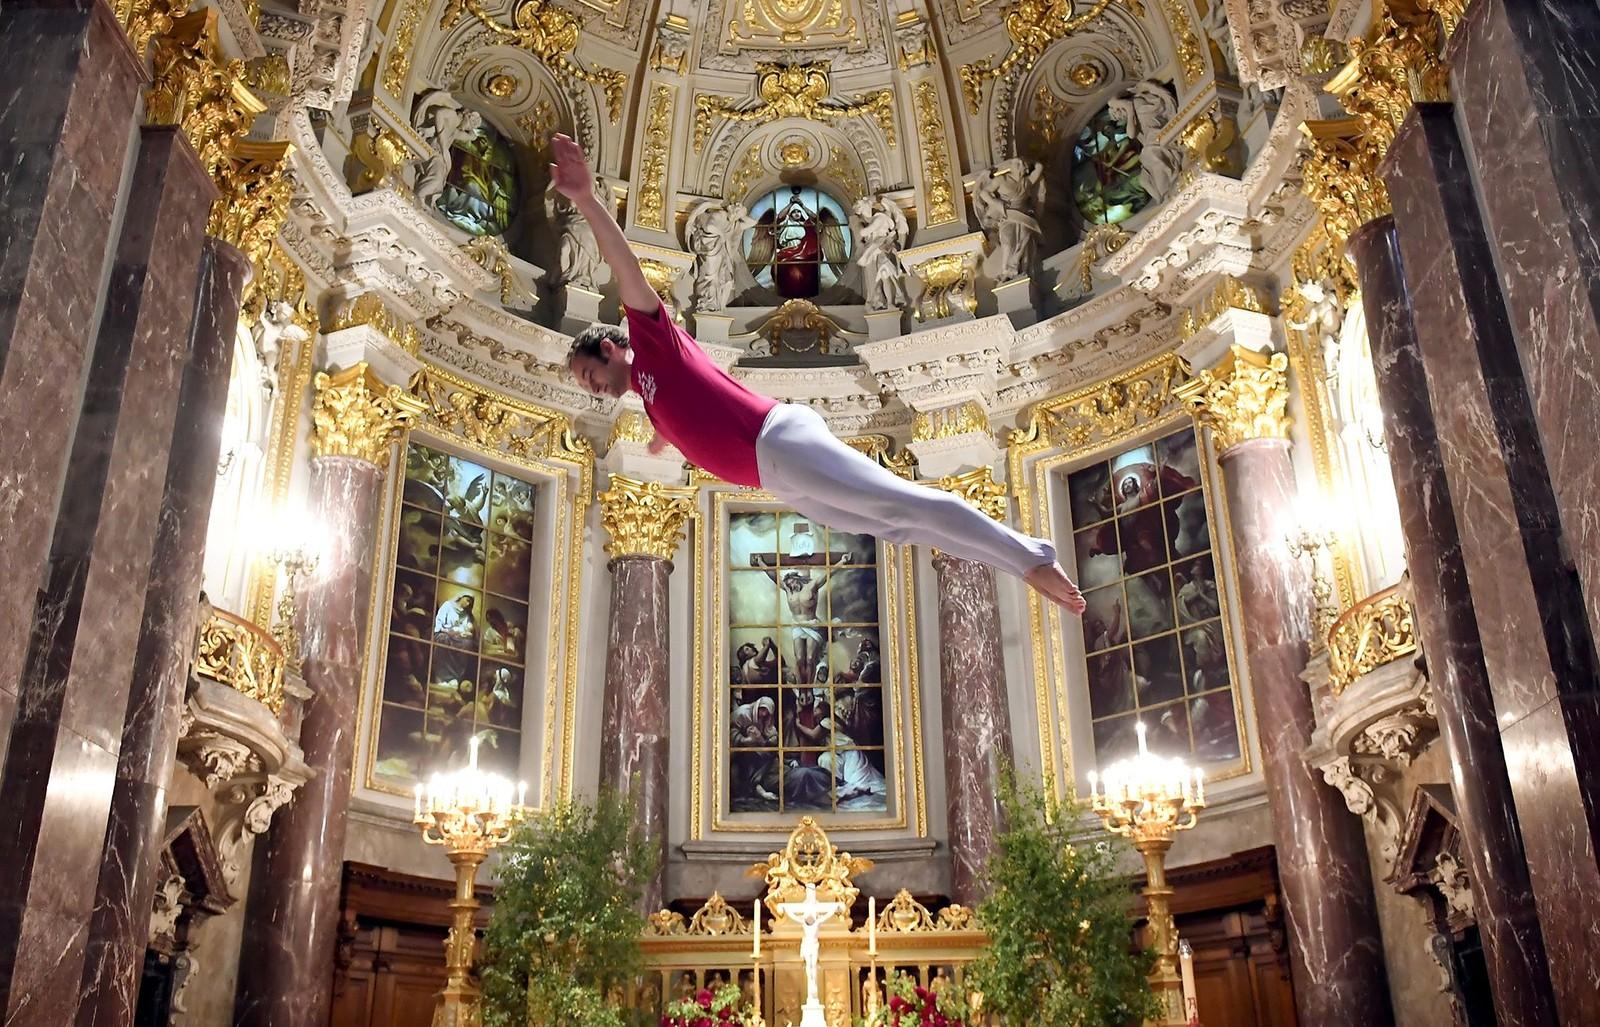 Himmelhøyt i et gudshus i Berlin. Turnfest arrangeres i den tyske hovedstaden denne uka.